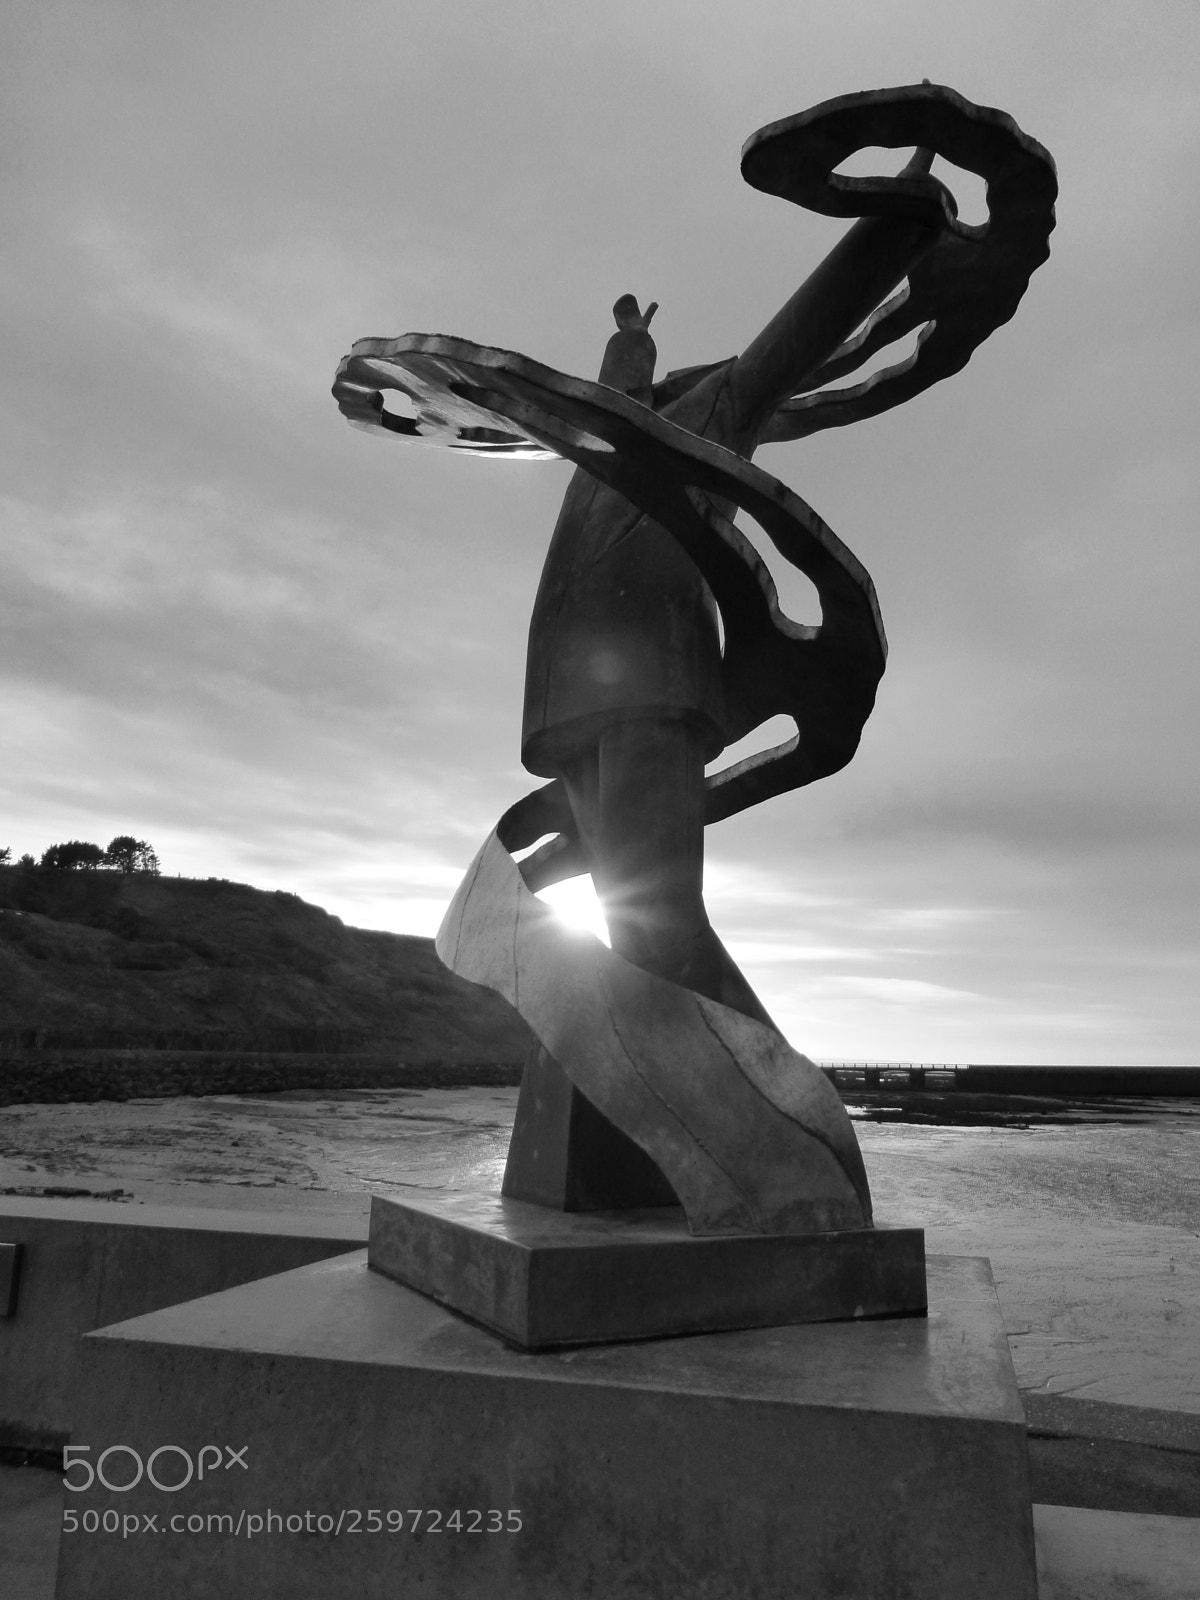 Port-en-Bessin statue (2), Panasonic DMC-TZ36